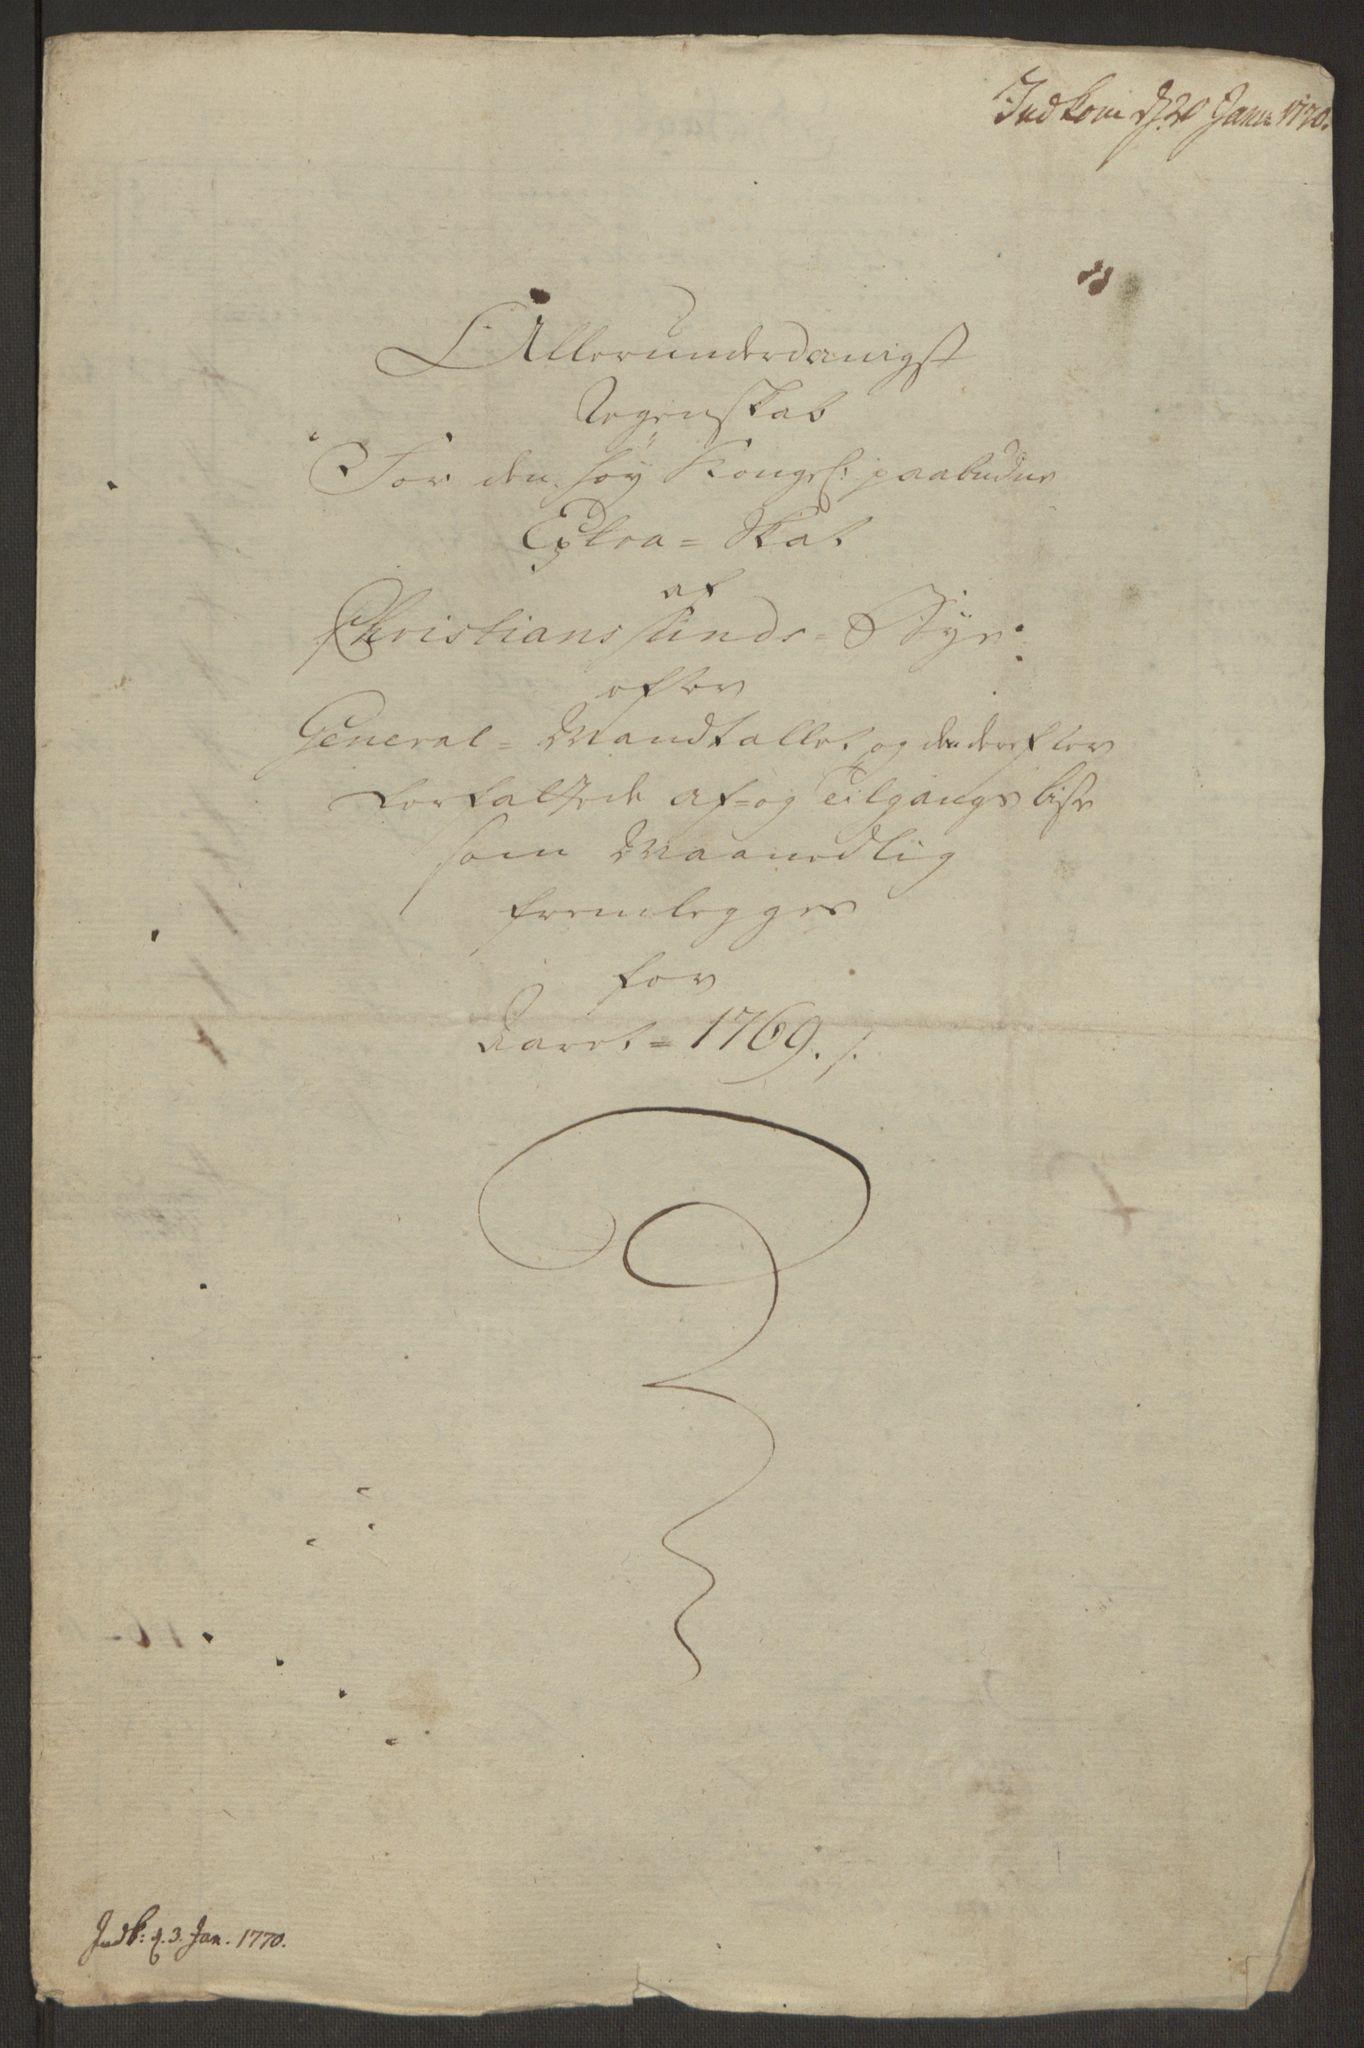 RA, Rentekammeret inntil 1814, Reviderte regnskaper, Byregnskaper, R/Rr/L0495: [R1] Kontribusjonsregnskap, 1762-1772, s. 212